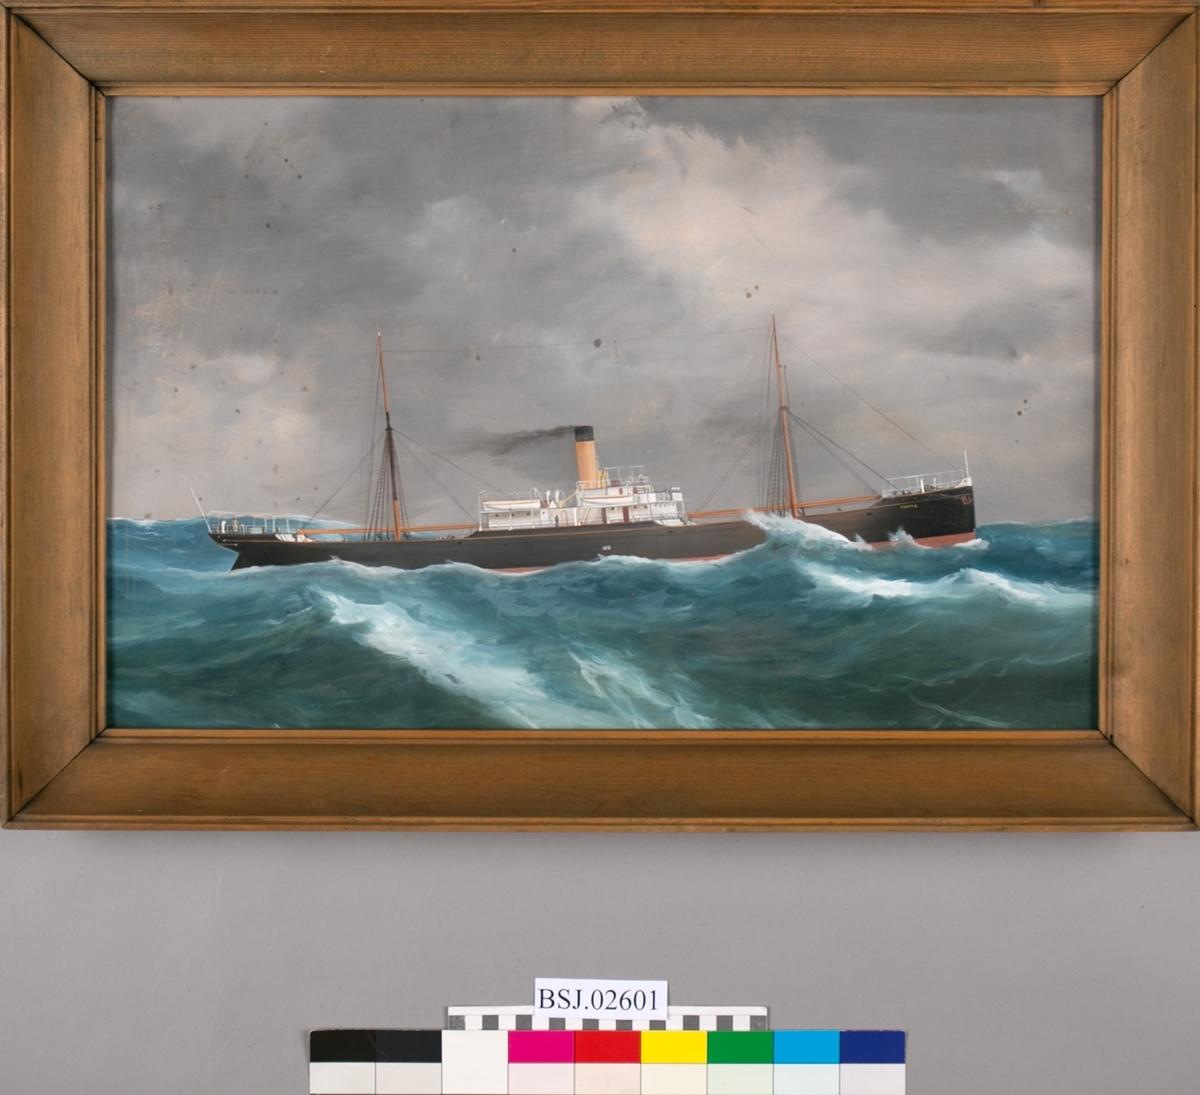 Skipsportrett av DS SANNA under fart i høy sjø. Fører ingen vimpler eller flagg.